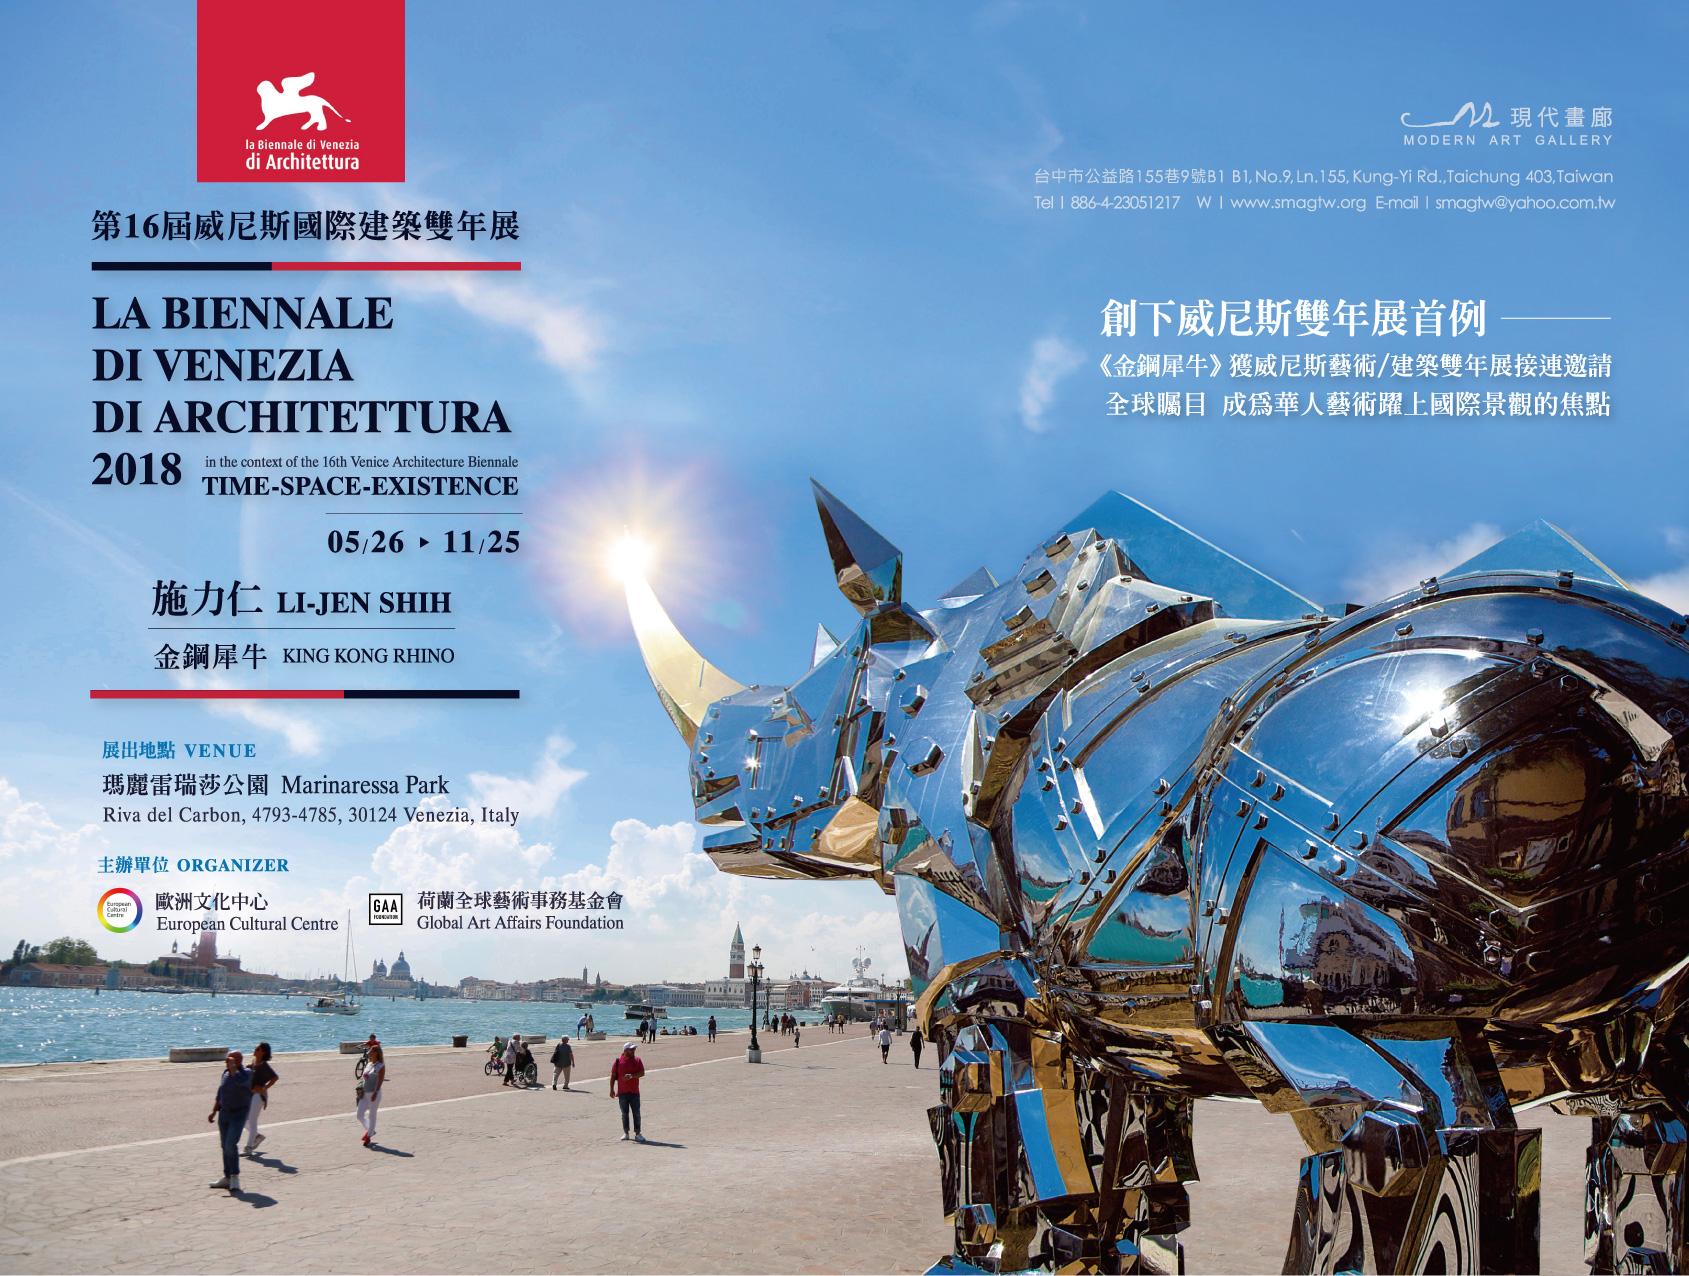 第16屆威尼斯國際建築雙年展『時間-空間-存在』 施力仁-金鋼犀牛